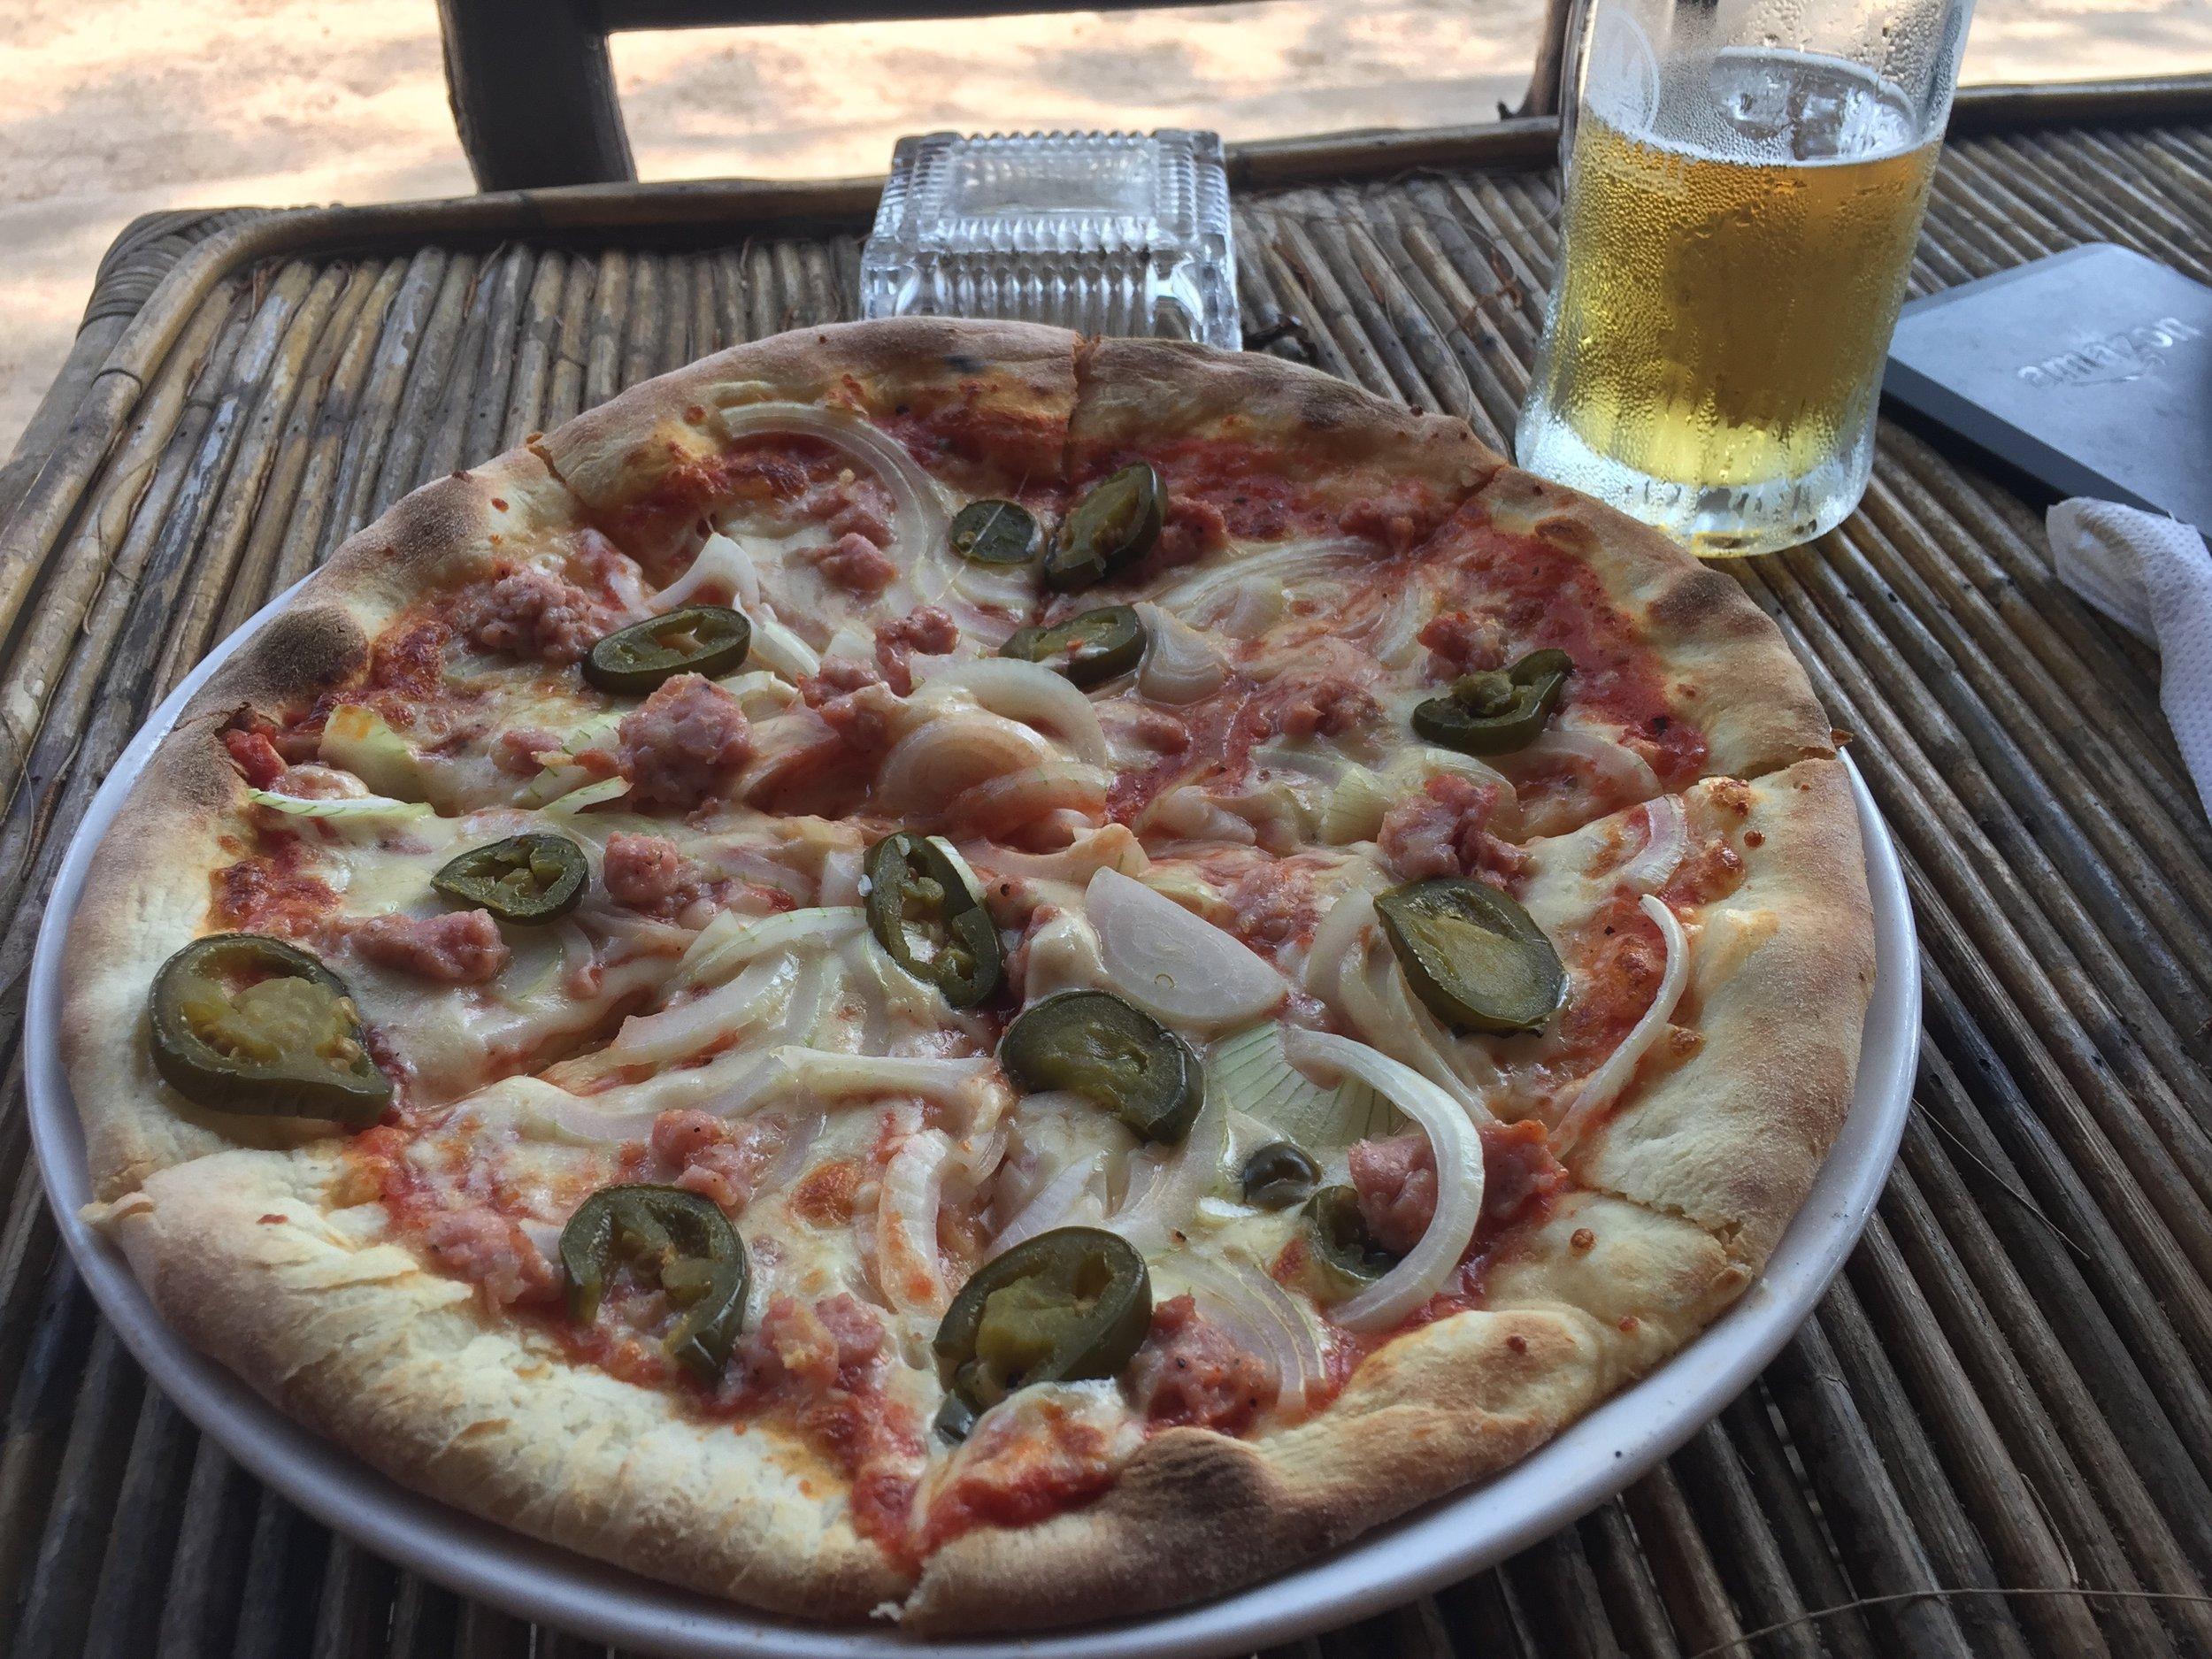 Pretty damn good pizza